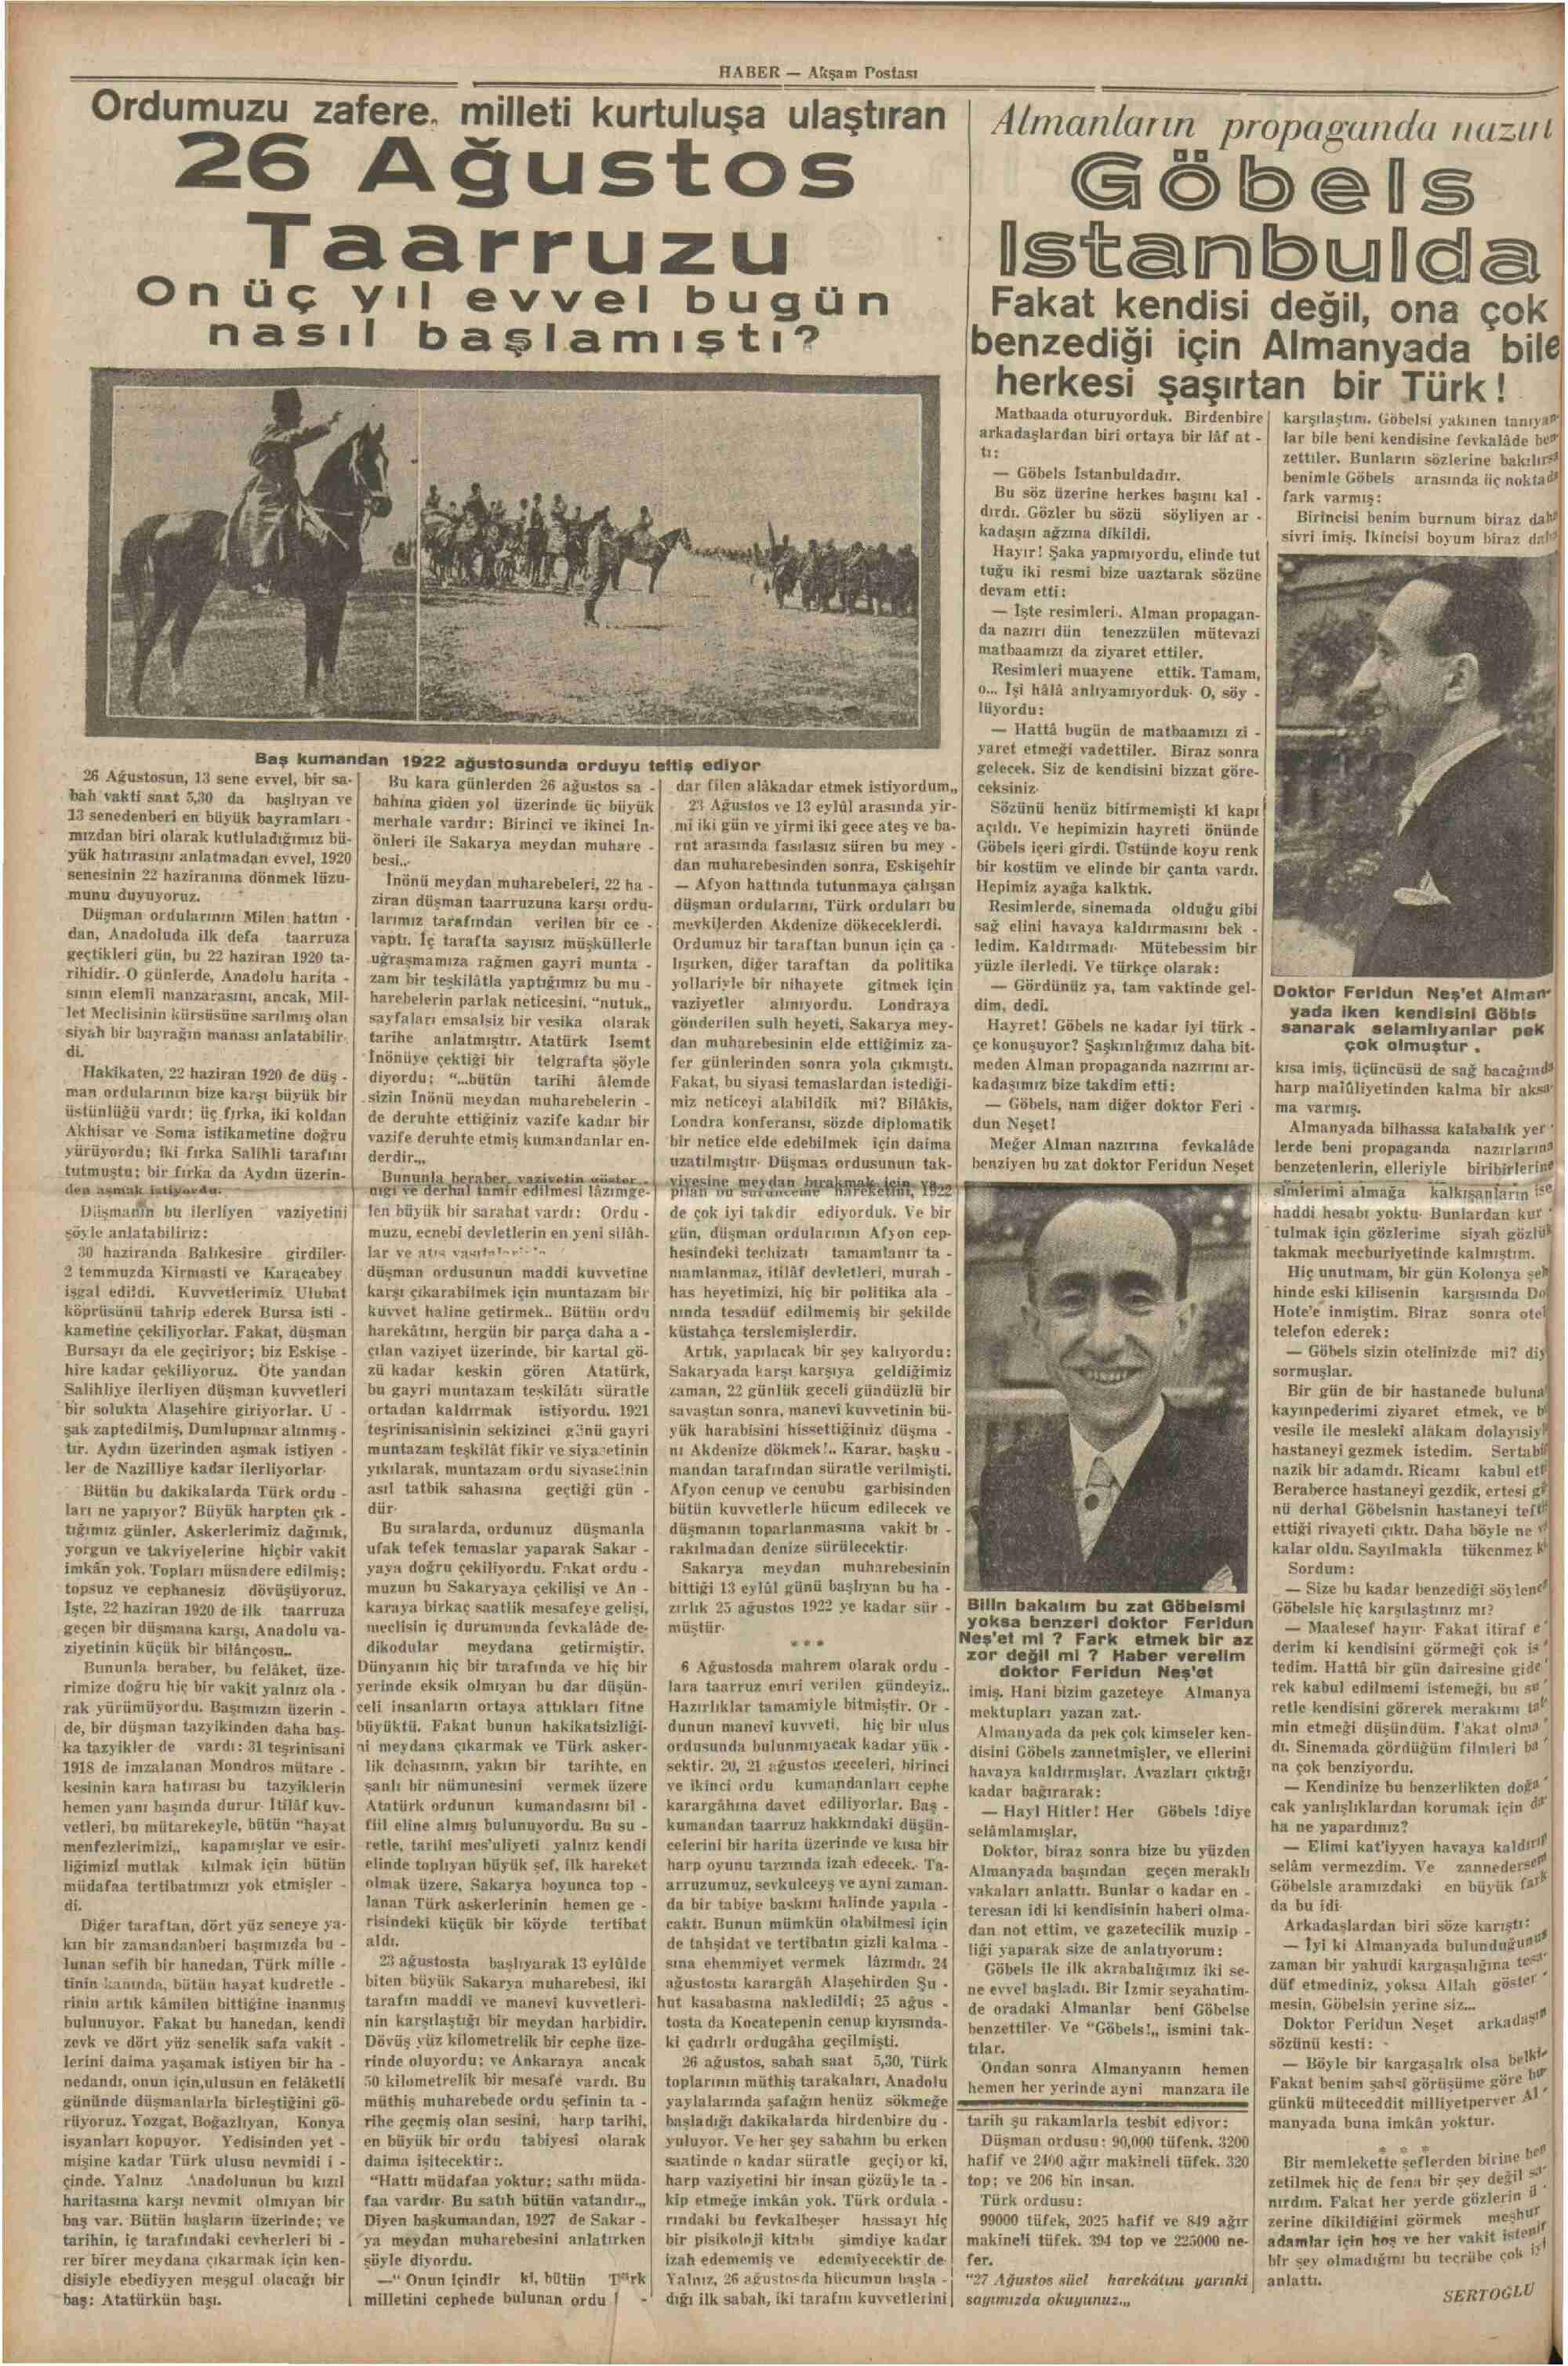 26 Ağustos 1935 Tarihli Haber Dergisi Sayfa 8